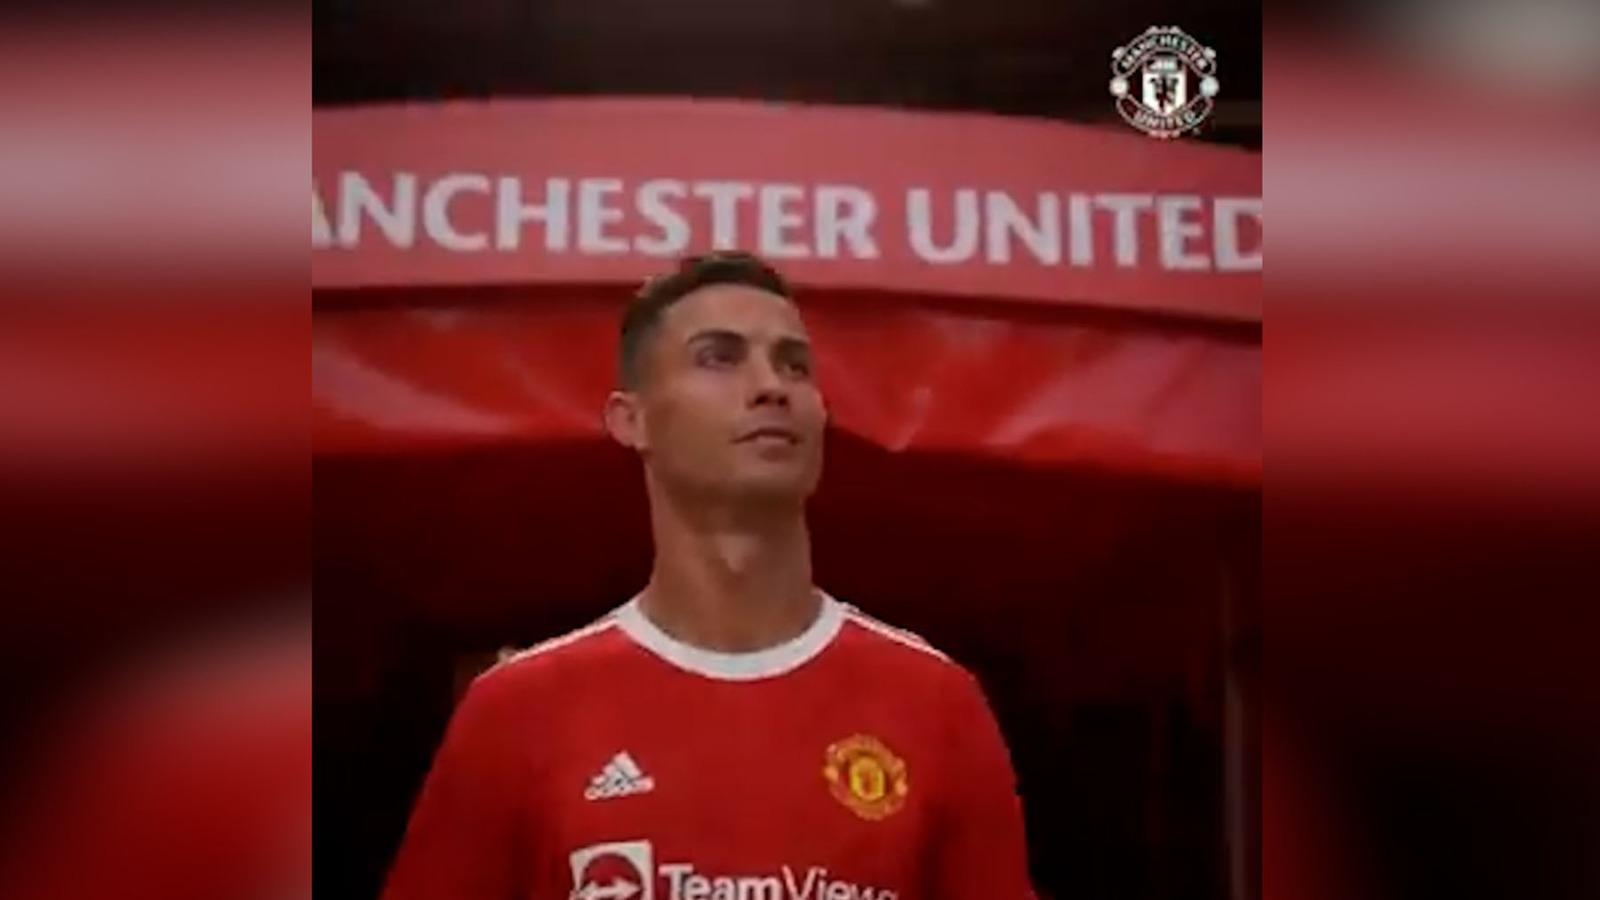 Pelos de punta: el emotivo vídeo de Cristiano Ronaldo entrando de nuevo a Old Trafford.